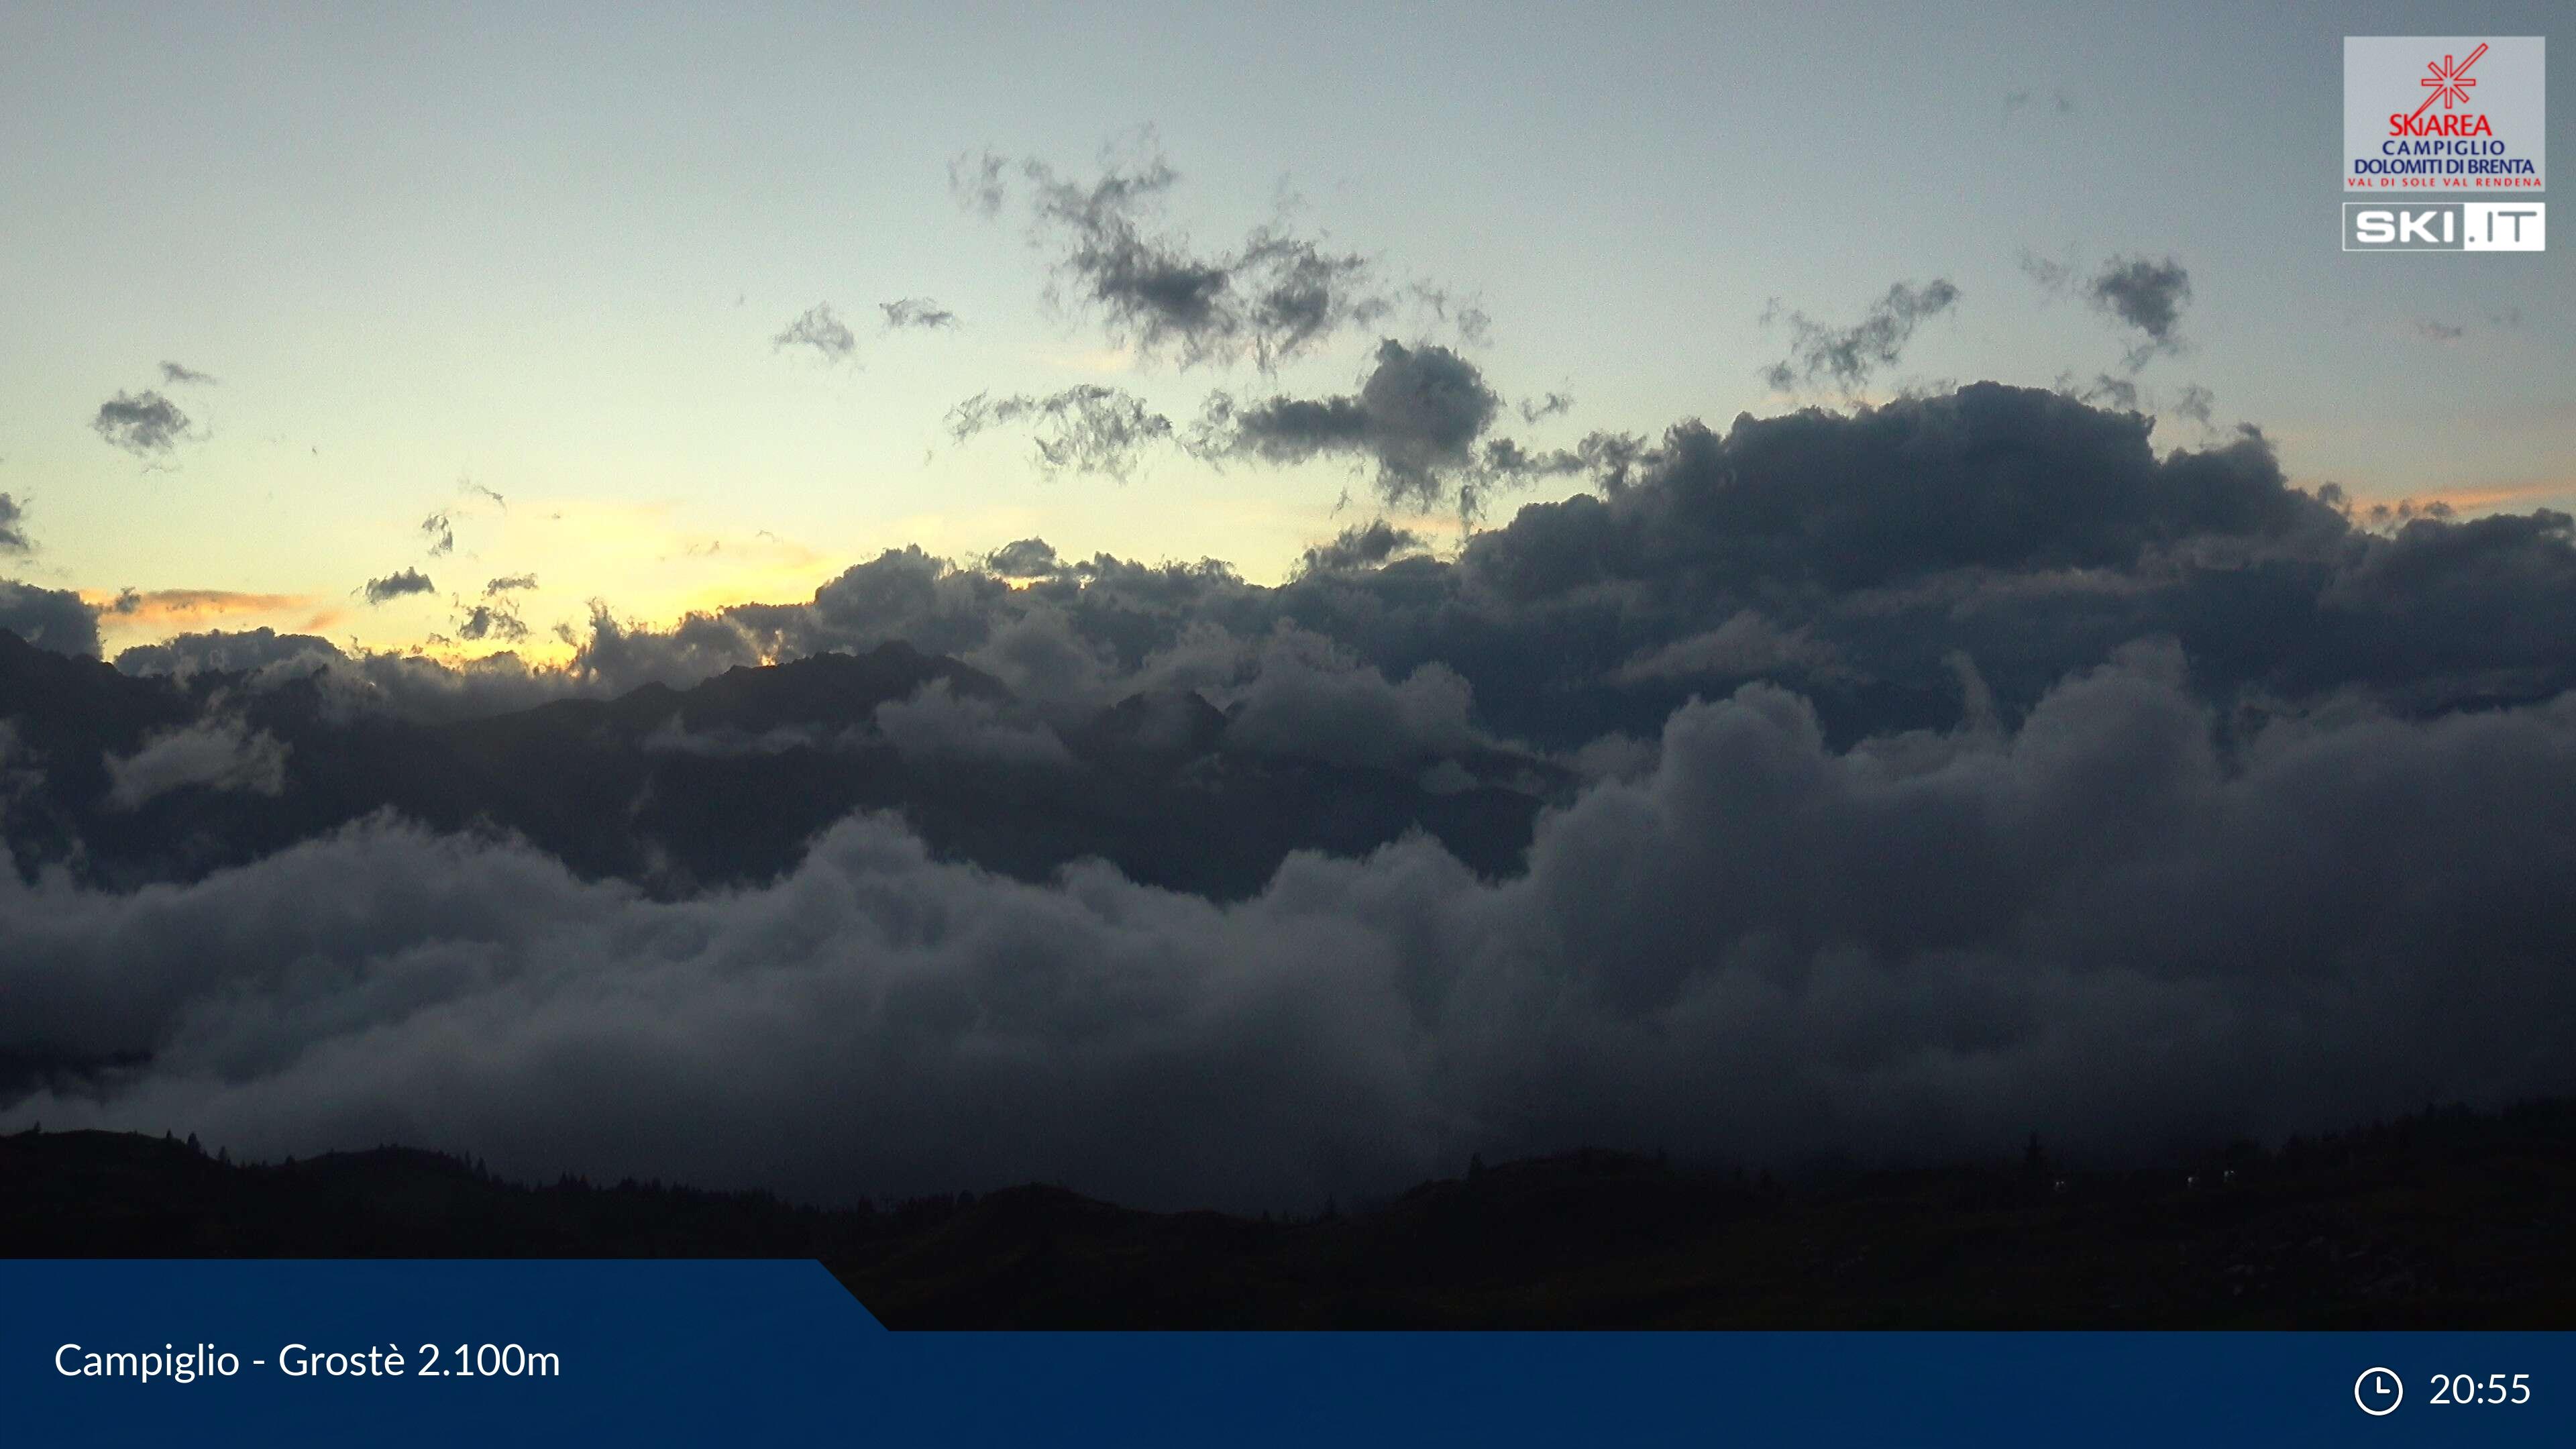 Webcam Panorama Pradalago da Grostè - Madonna di Campiglio